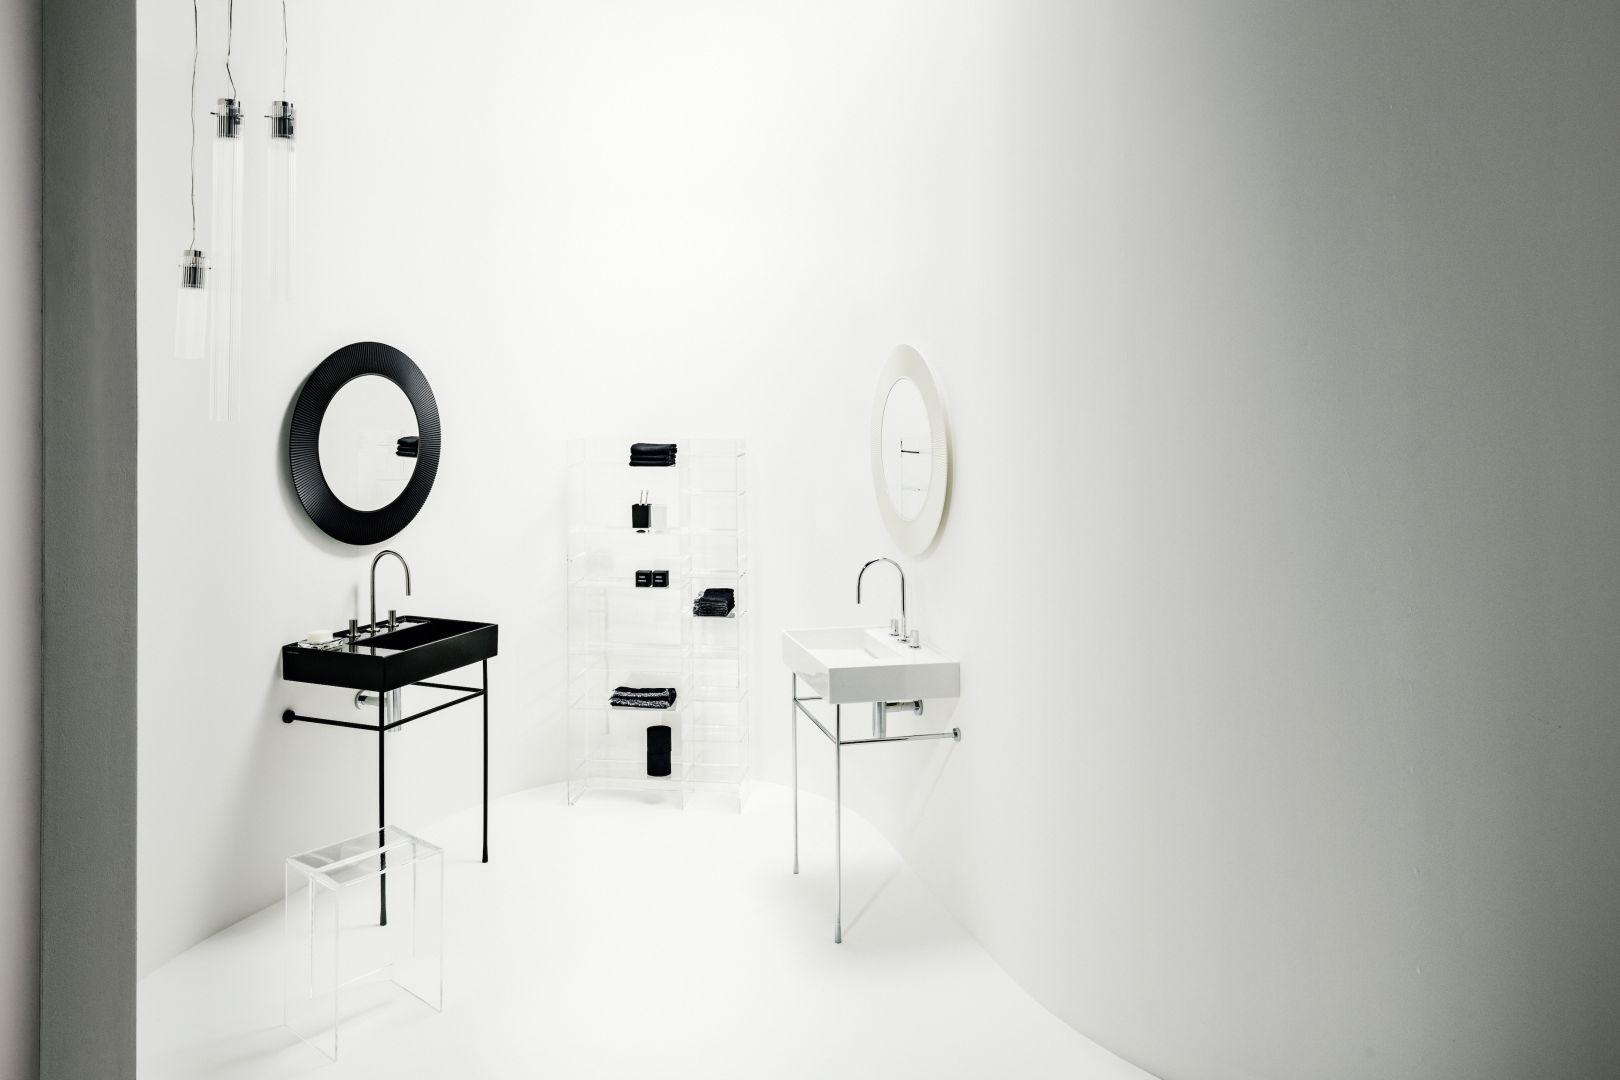 Kolekcja Kartell by Laufen w obiektywie Olivera Helbiga